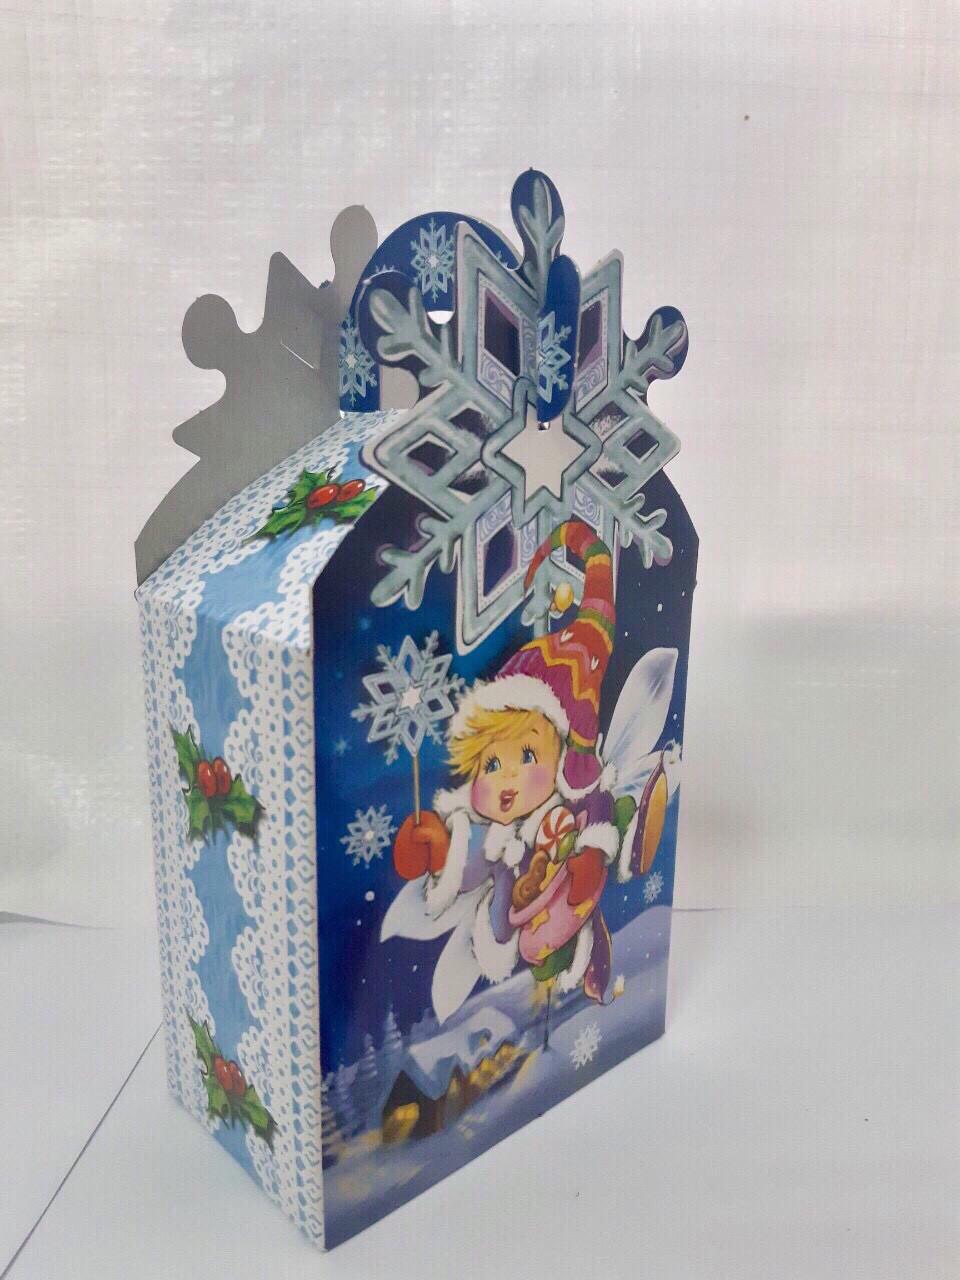 Новогодняя подарочная картонная упаковка (пакет) для конфет 200-250 грамм